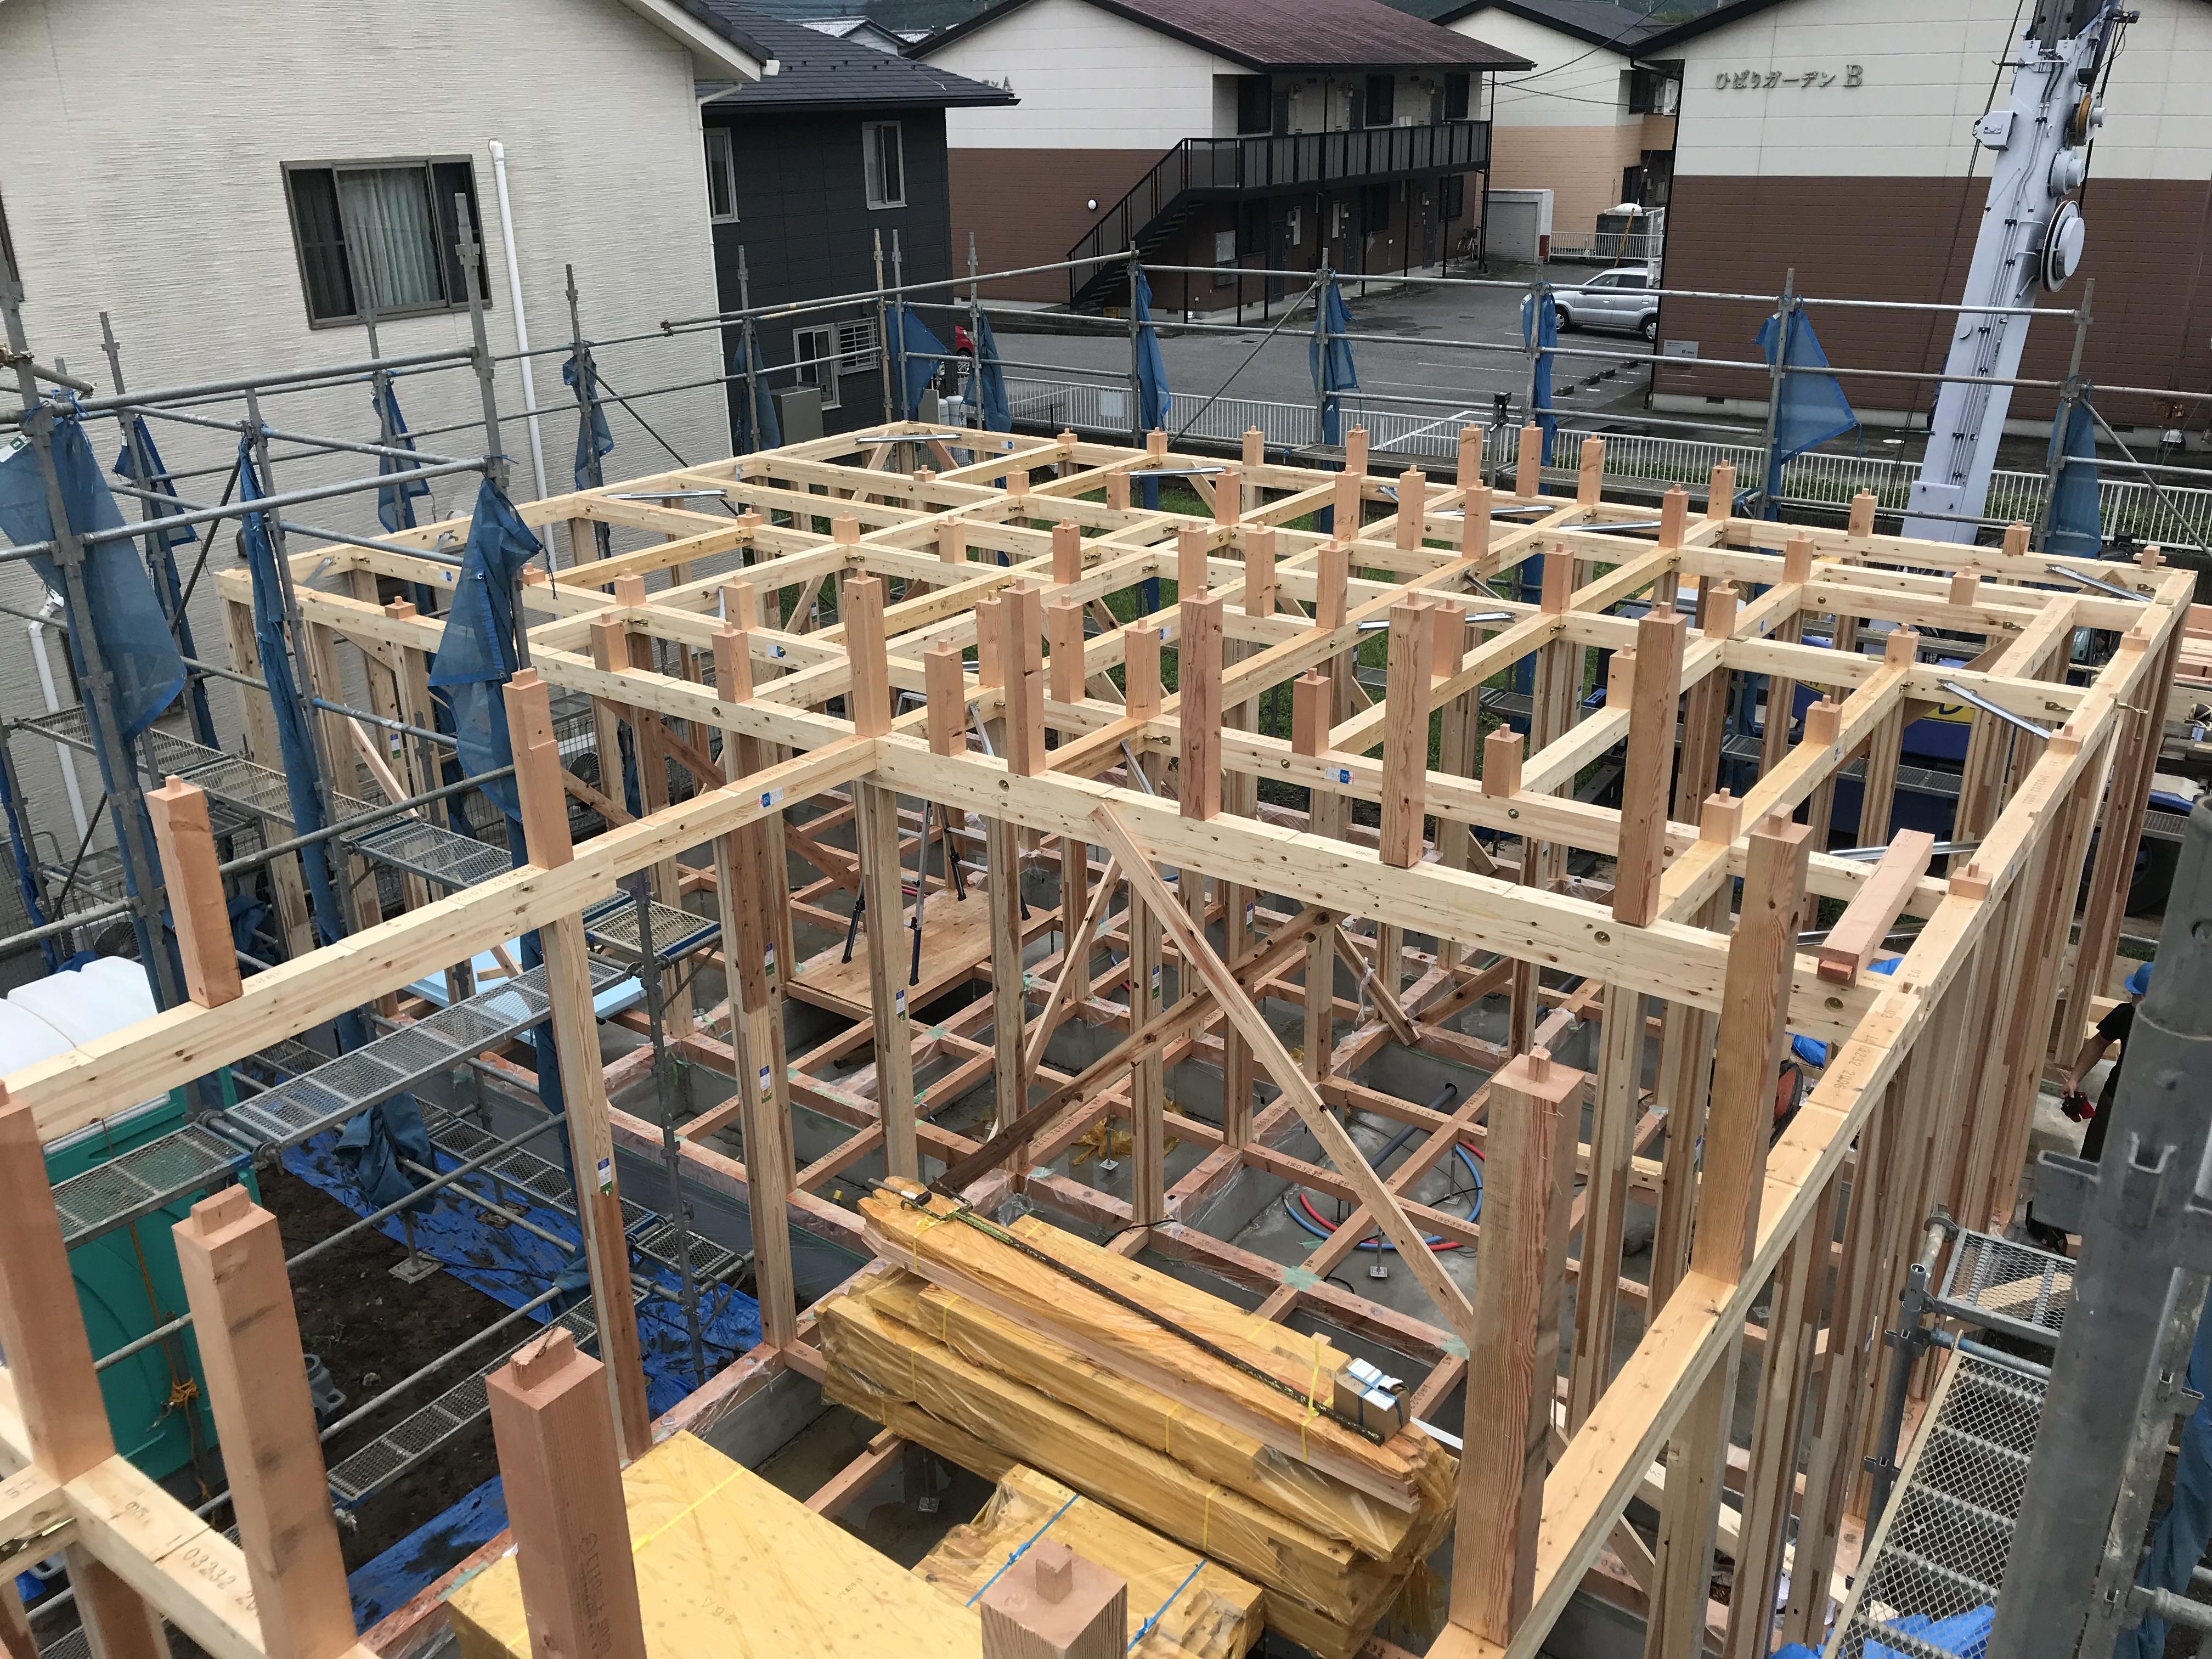 注文住宅で建てる 平屋の新築